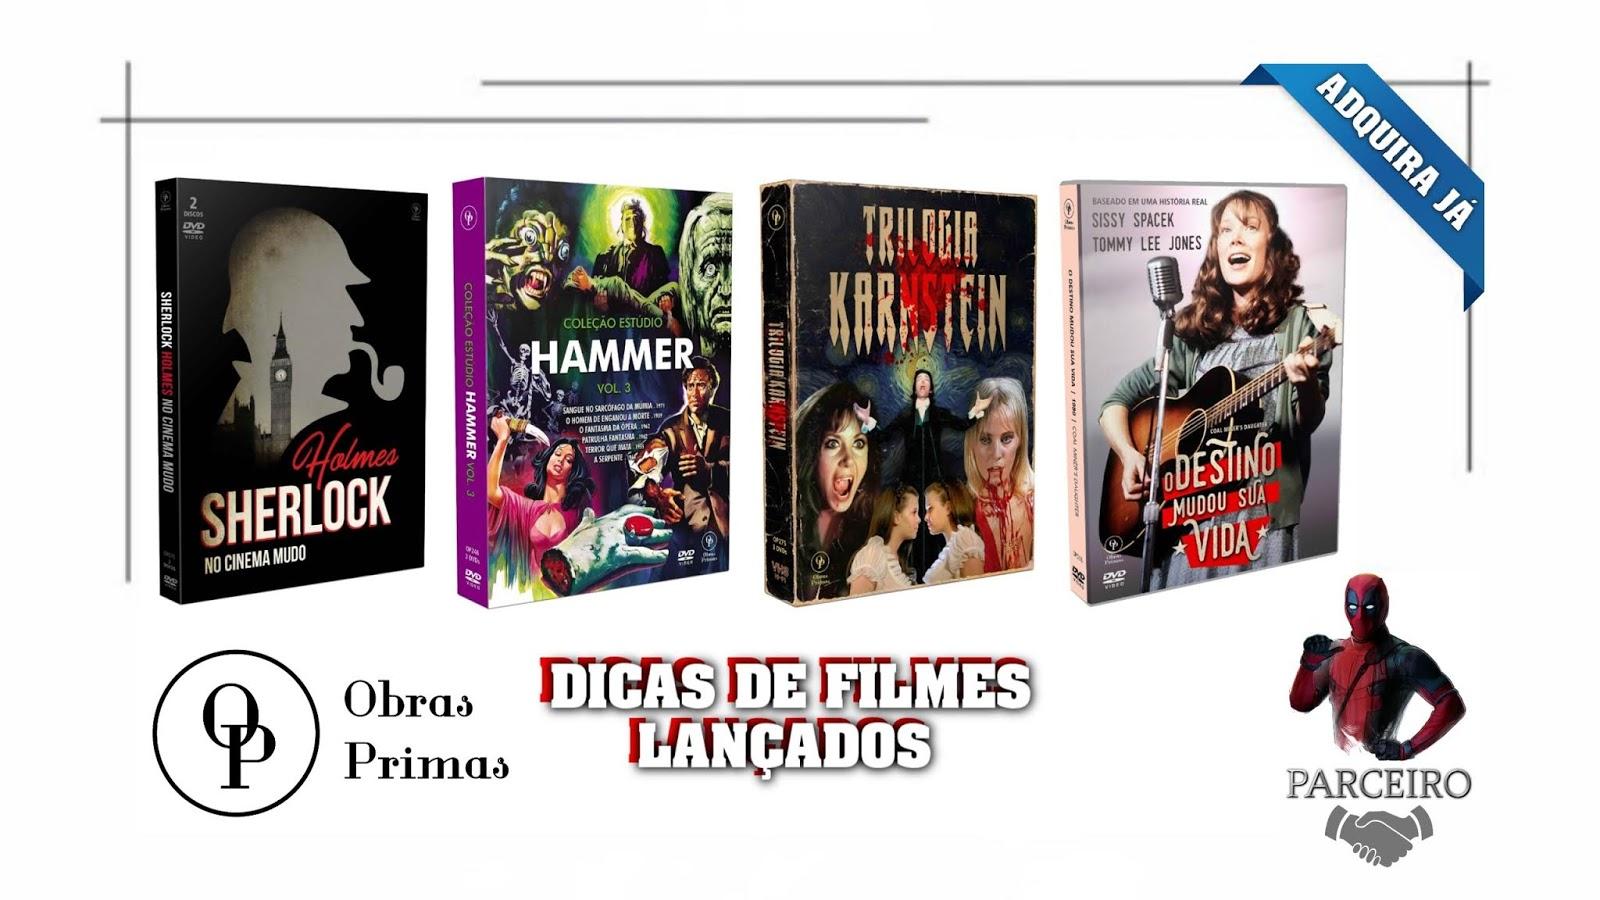 obras-primas-do-cinema-julho